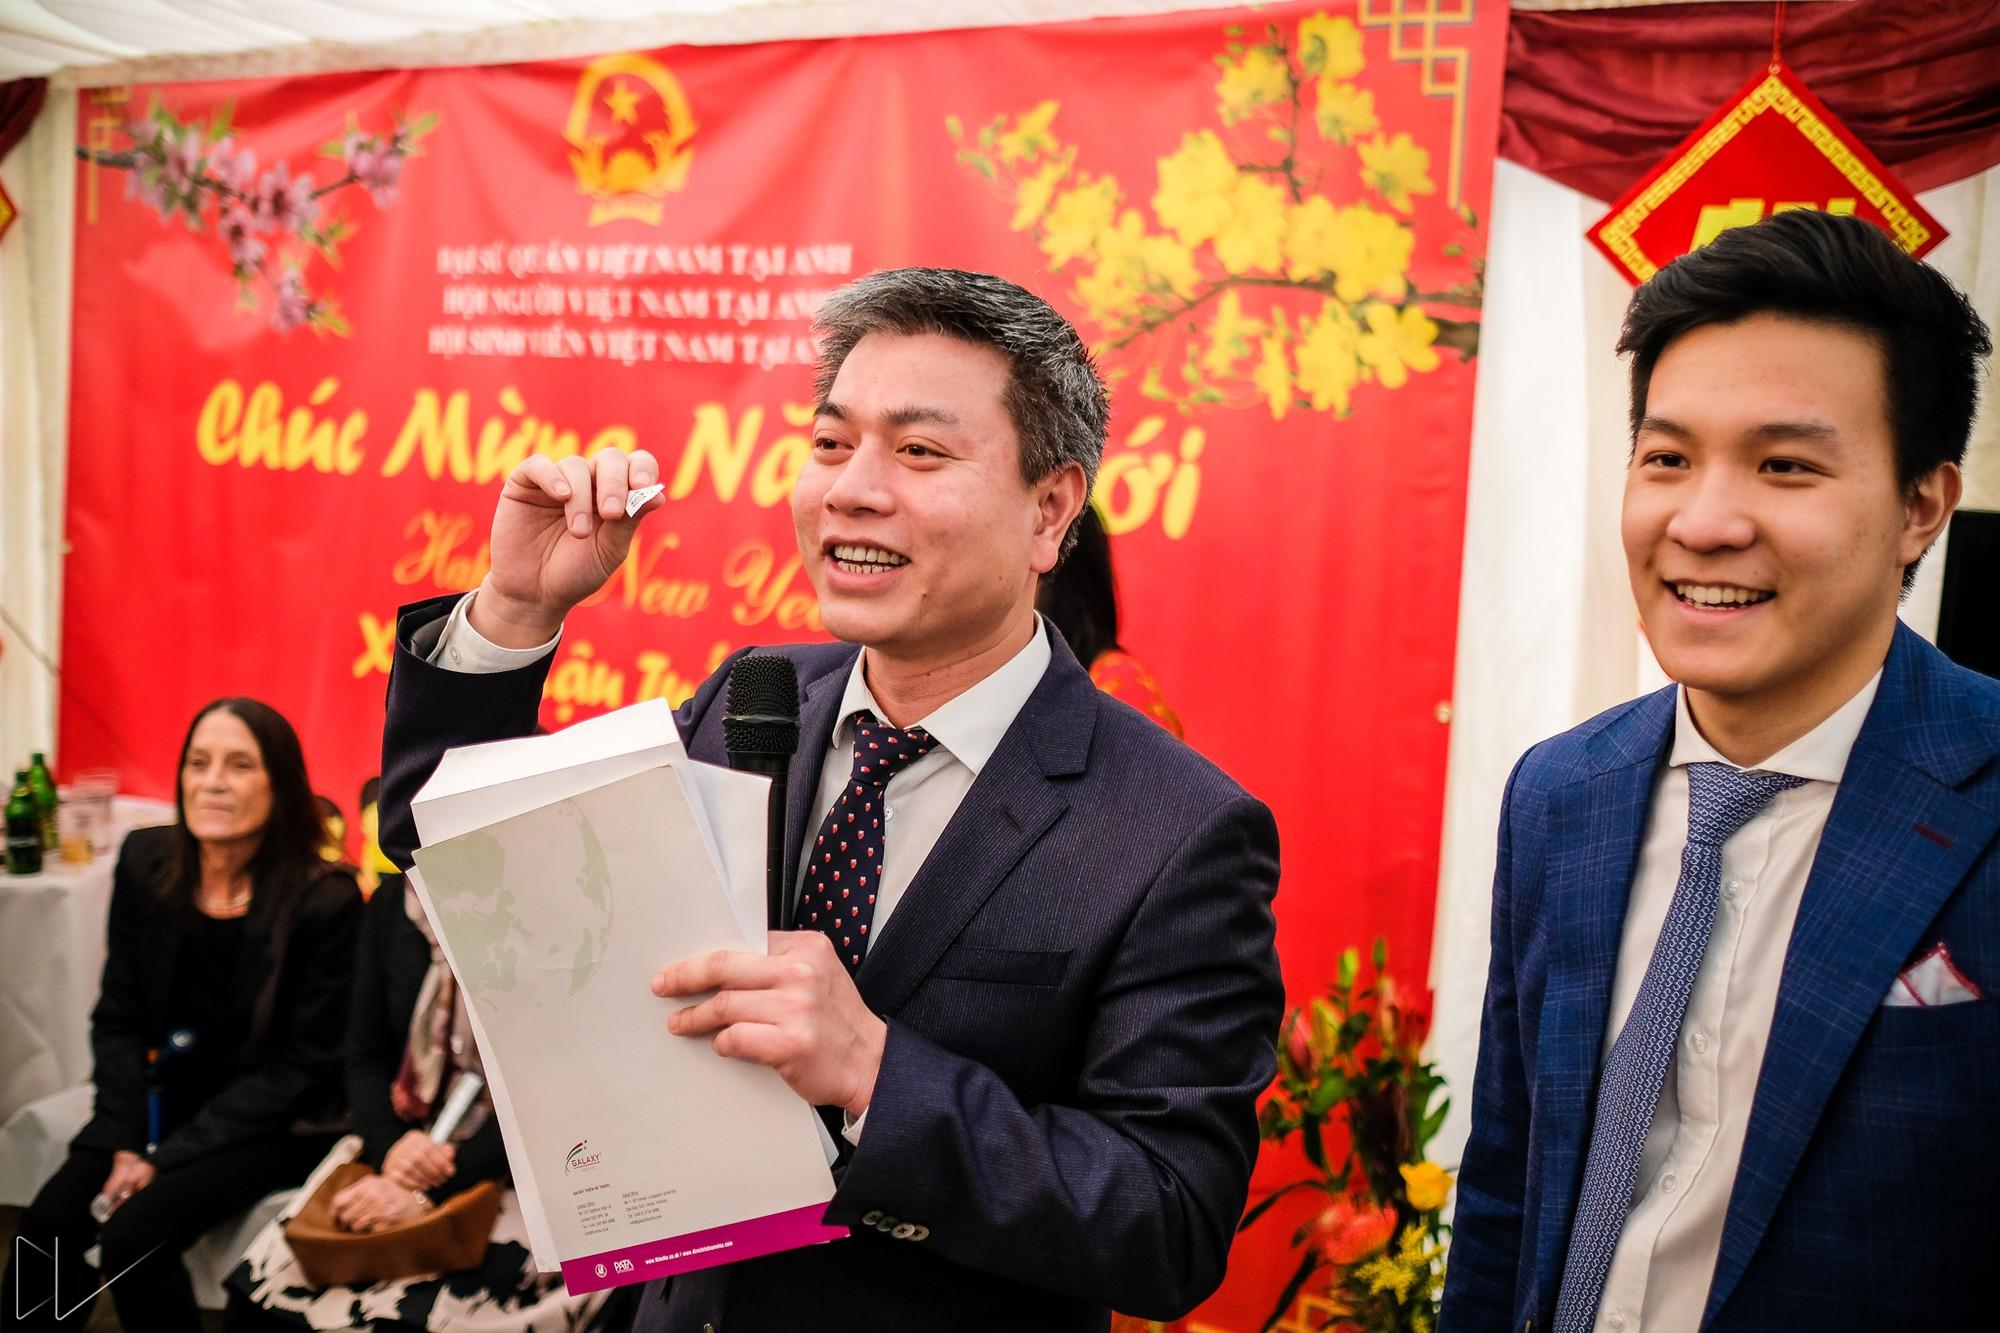 Trai xinh, gái đẹp nô nức tham gia chương trình Tết của du học sinh Việt tại Anh - Ảnh 6.